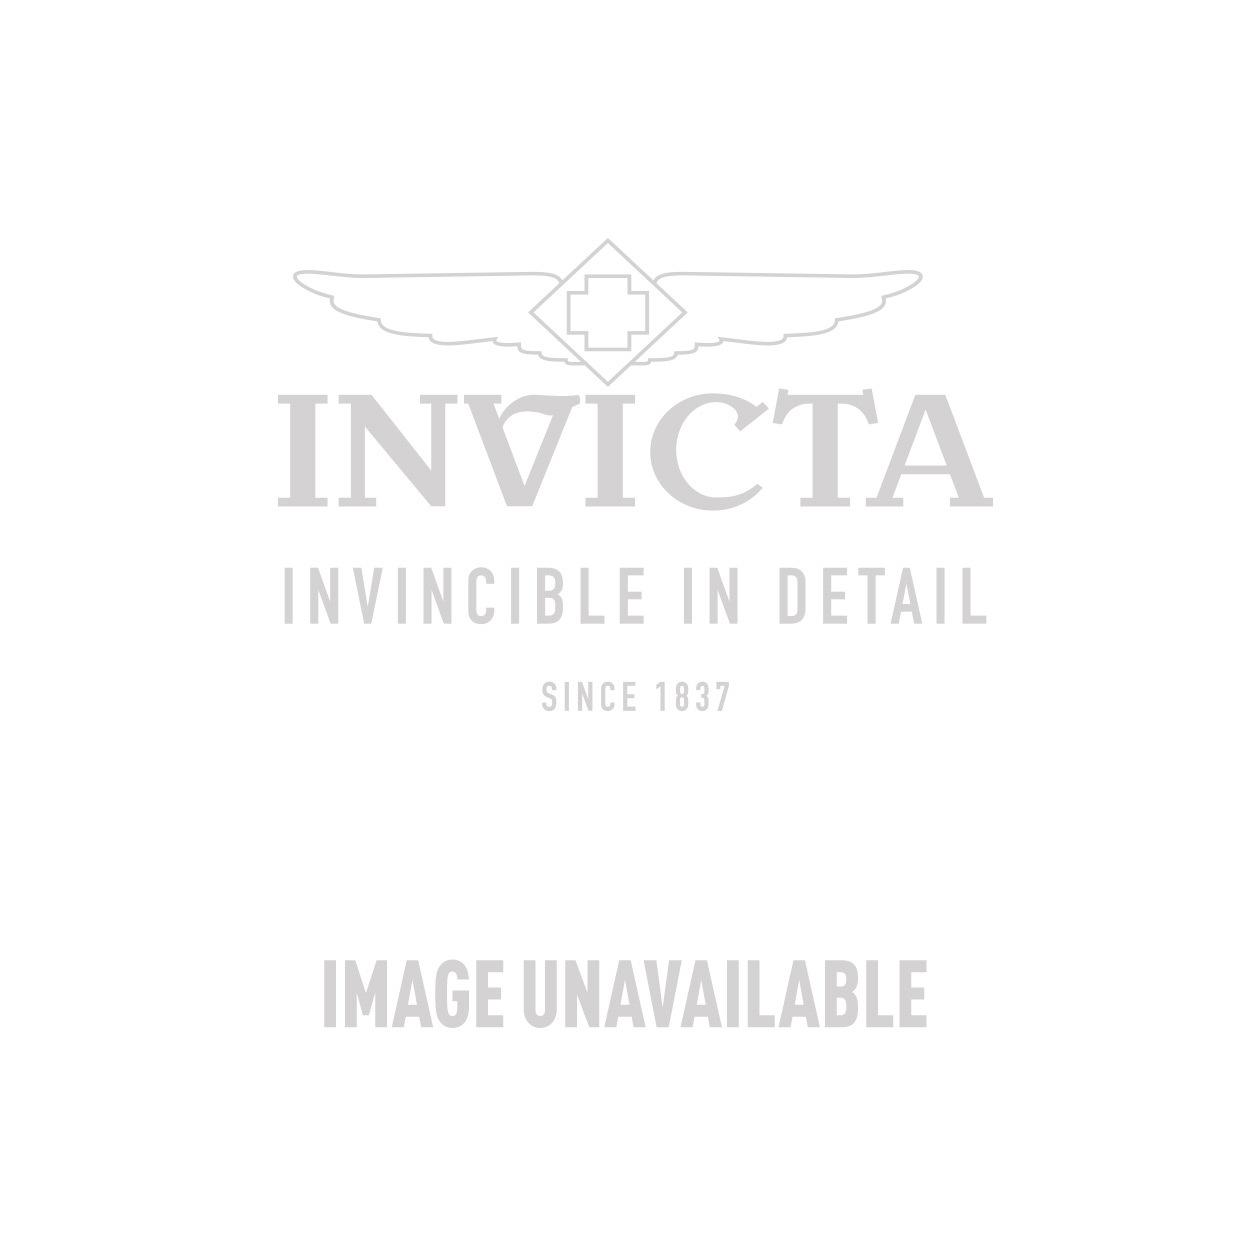 Invicta Model 25264